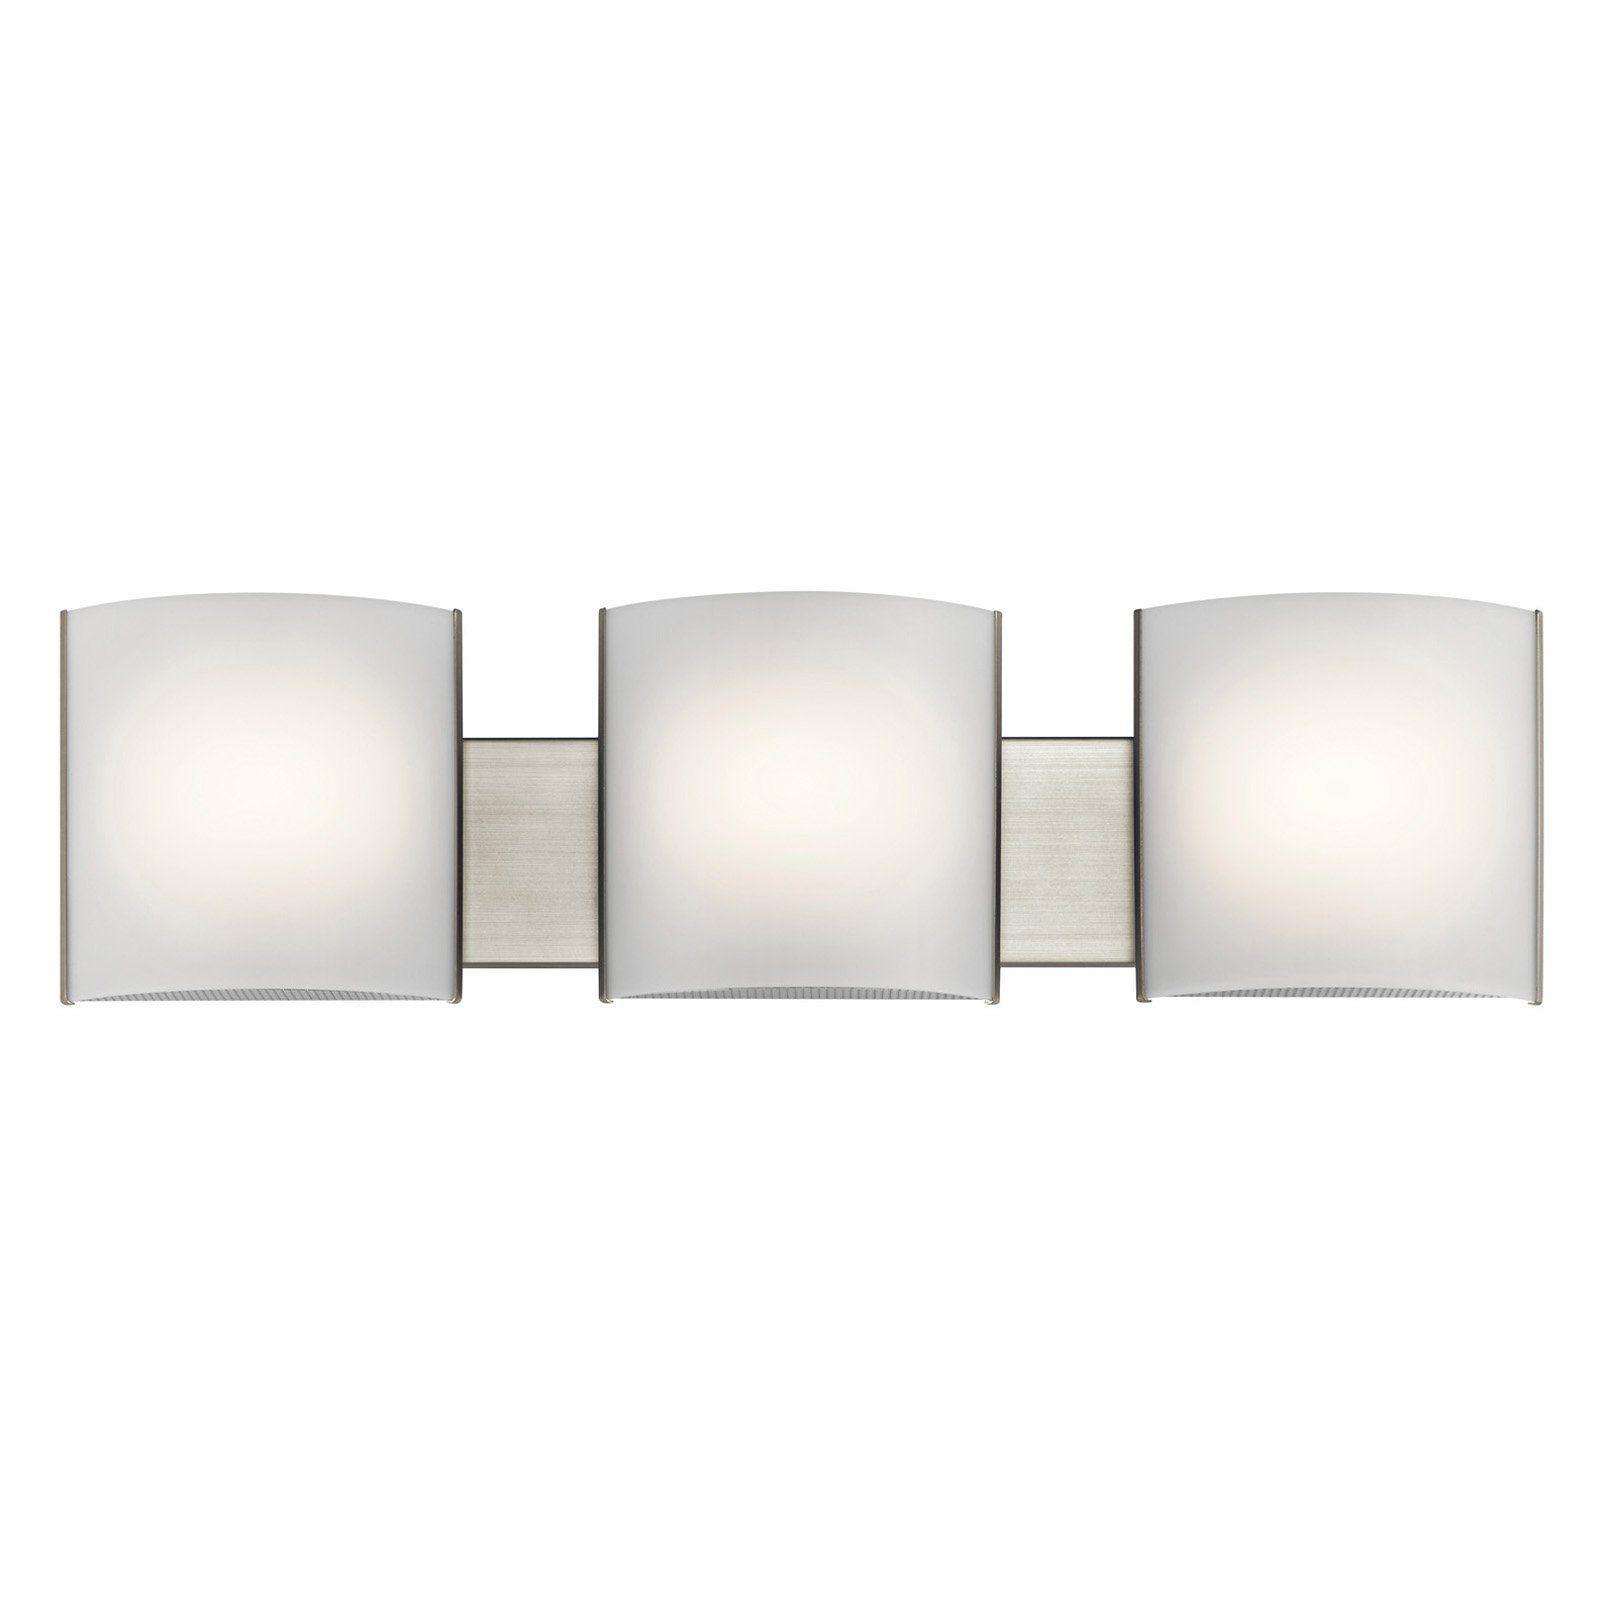 Kichler 10799 3 Light LED Bath Light - 10799NILED | Products ...